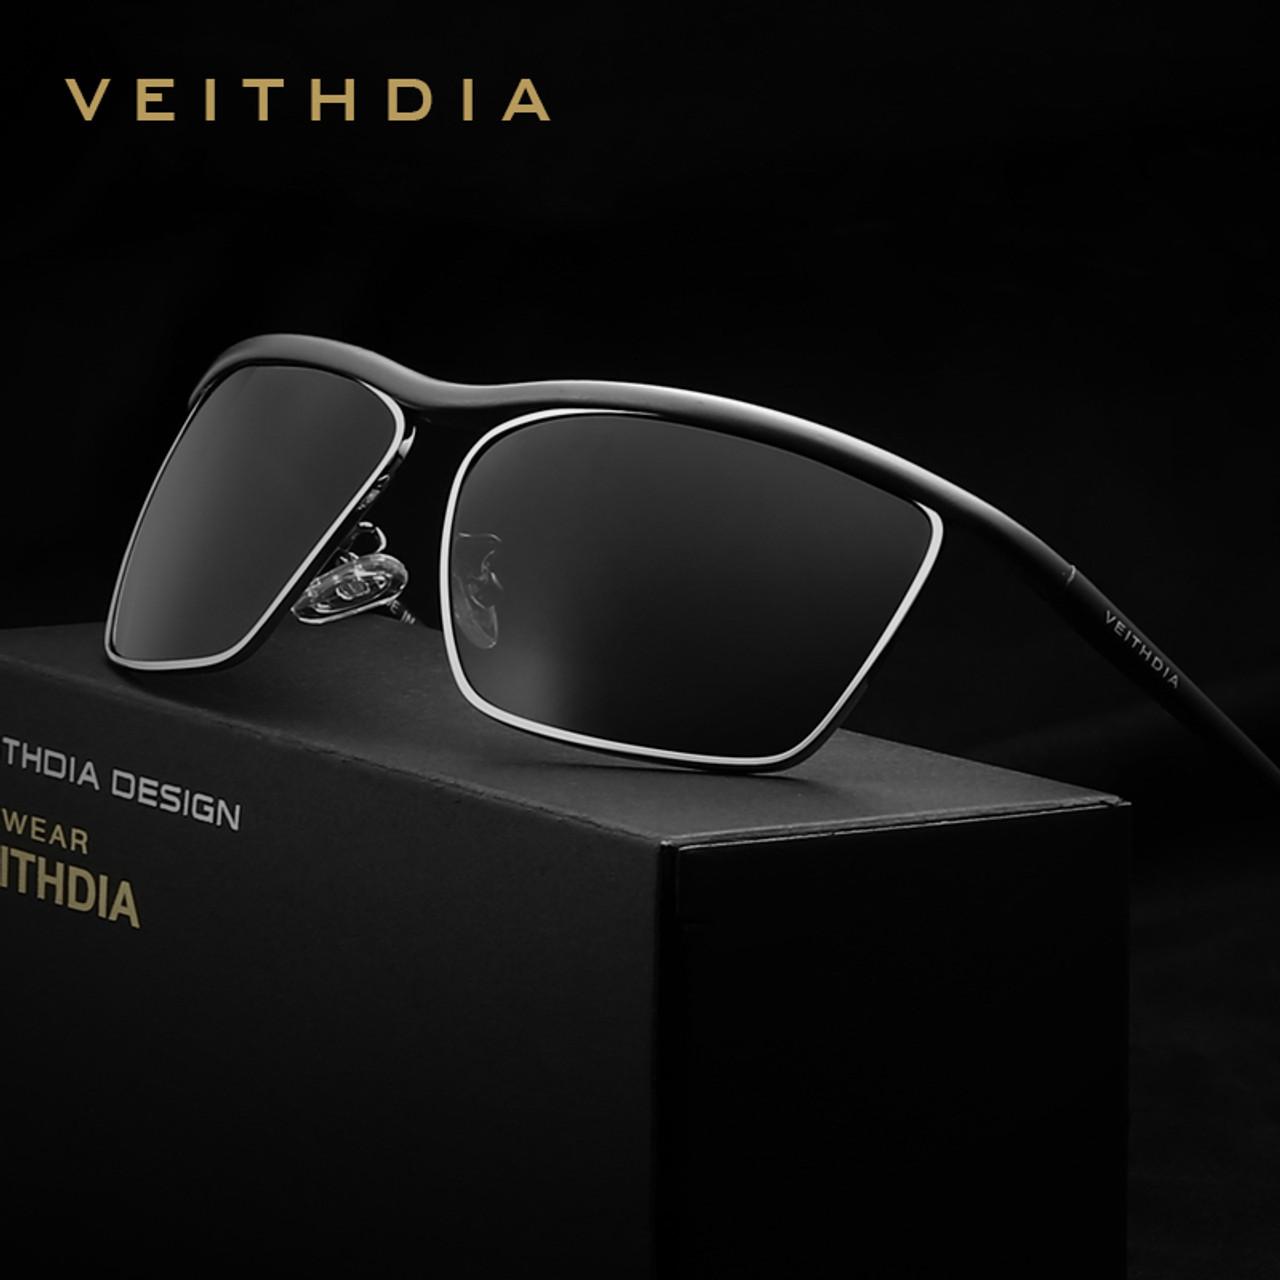 cf027c7bb1 VEITHDIA Brand Aluminum Magnesium Men s Sun glasses Polarized Mirror Lens  Eyewear Accessories Sunglasses For Men Oculos ...